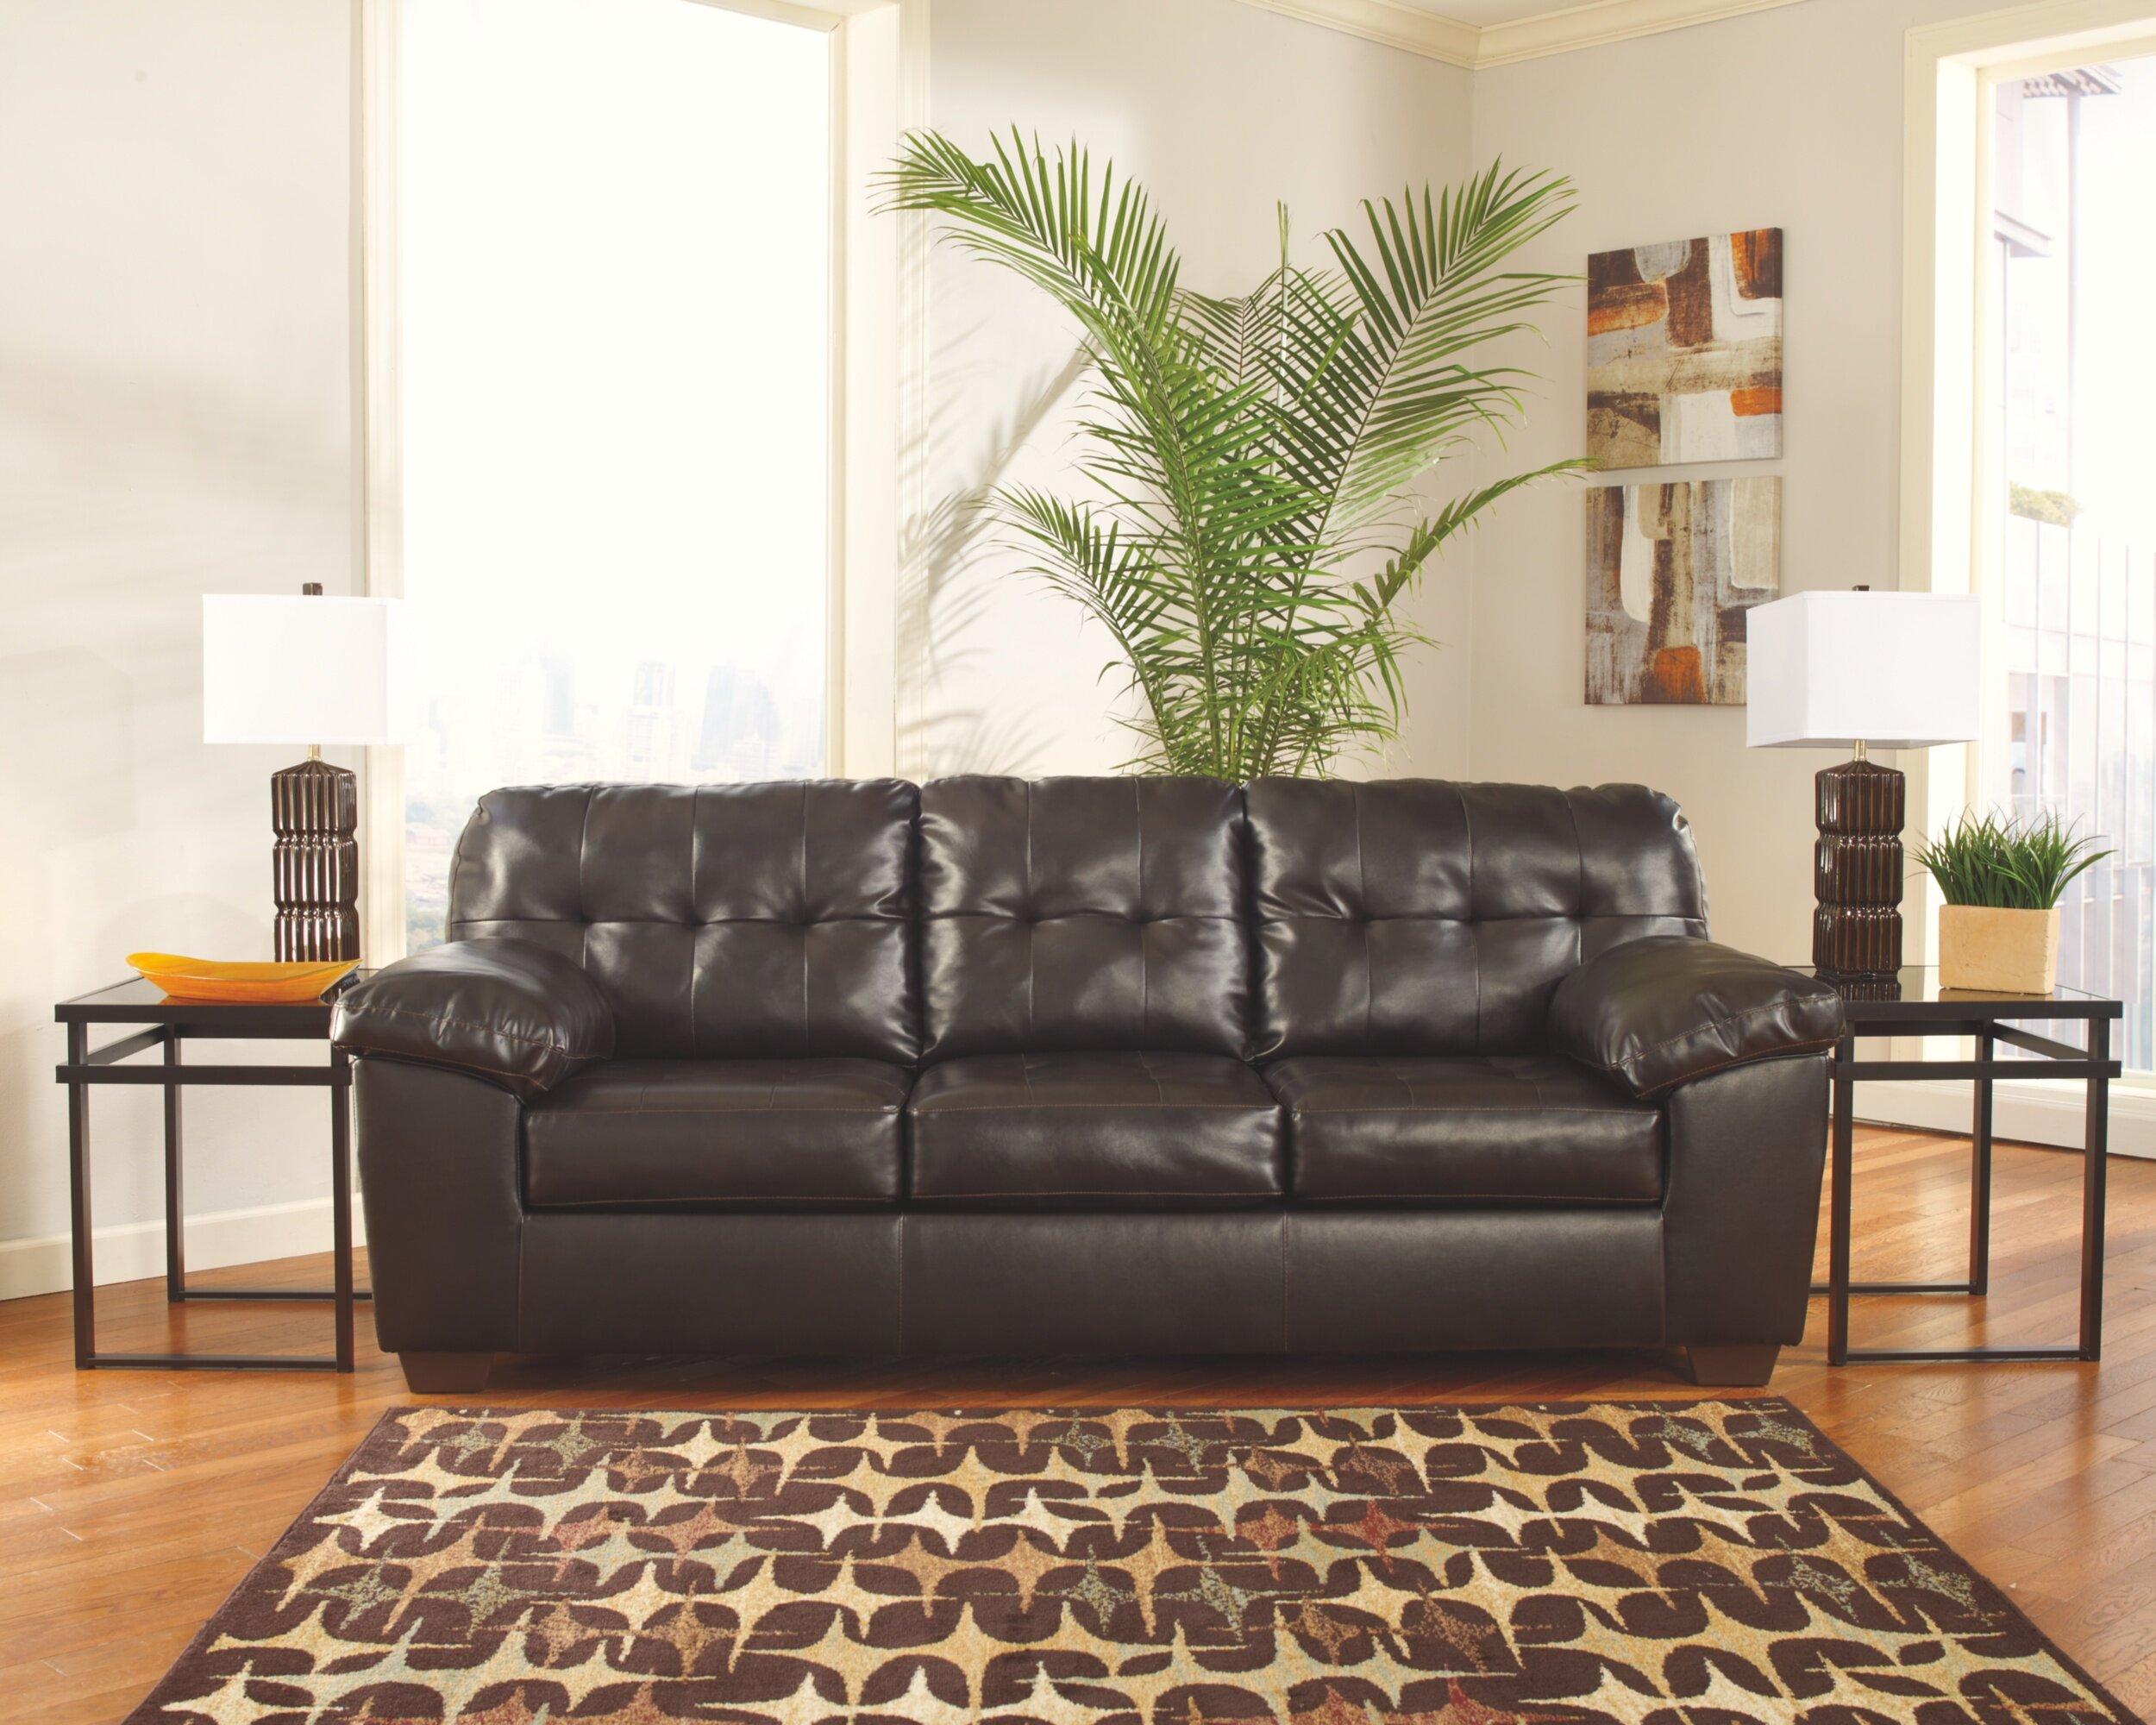 Manley Queen Sleeper Sofa